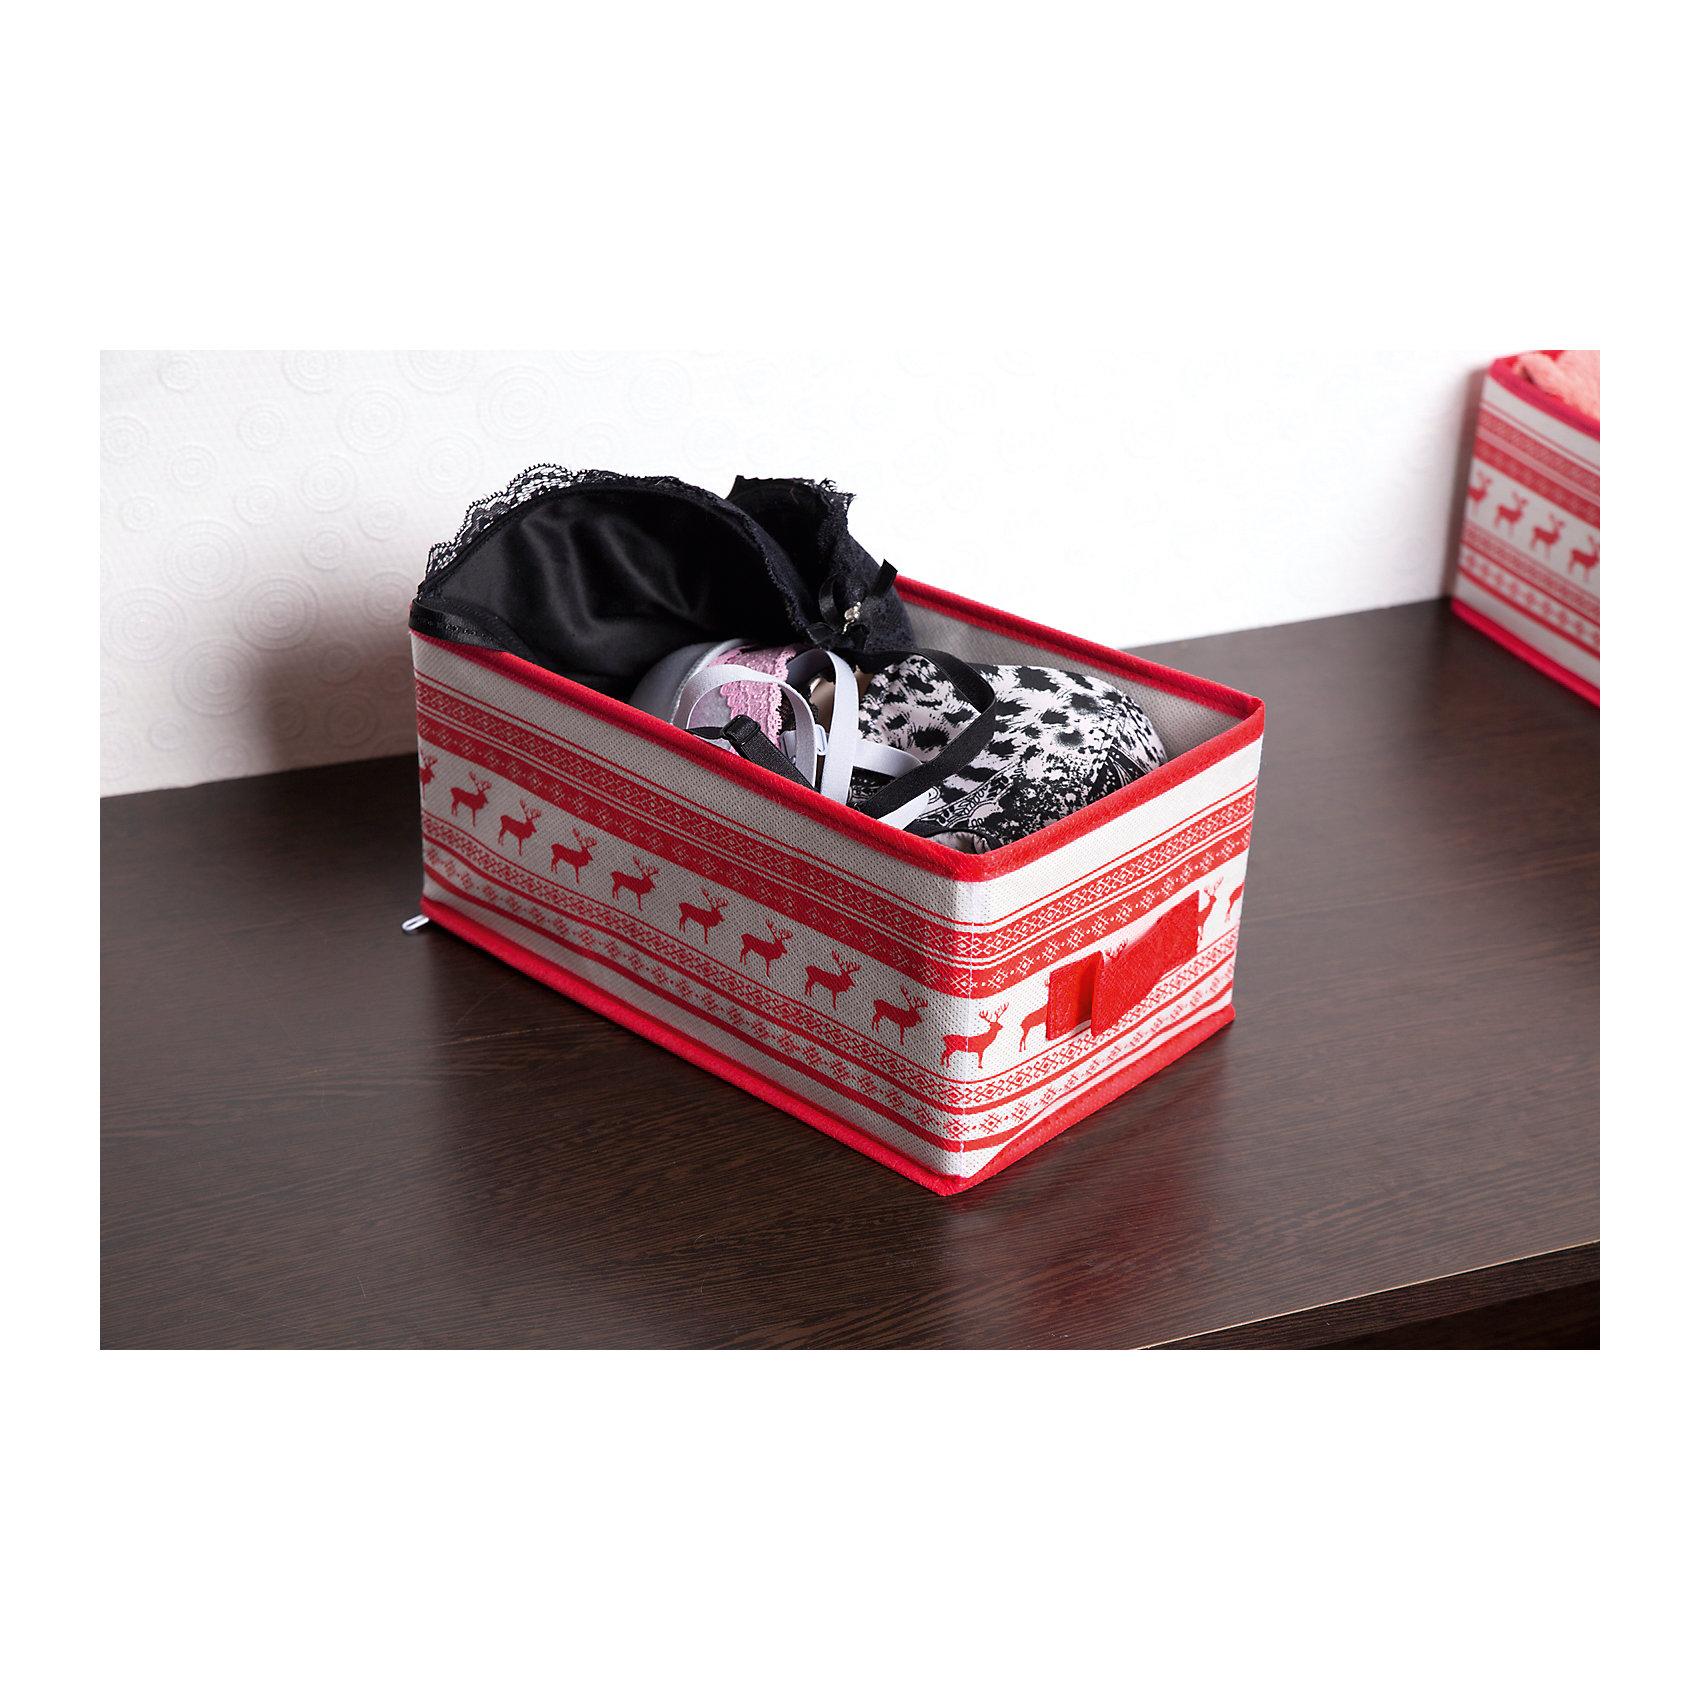 Малый ящик с ручкой Scandinavia (28*14*13), HomsuПорядок в детской<br>Характеристики товара:<br><br>• цвет: красный<br>• материал: спанбонд, картон, ПВХ<br>• размер: 28х14х13 см<br>• вес: 200 г<br>• легкий прочный каркас<br>• ручка для переноски<br>• вместимость: 1 отделение<br>• страна бренда: Россия<br>• страна изготовитель: Китай<br><br>Малый ящик с ручкой Scandinavia от бренда Homsu (Хомсу) - очень удобная вещь для хранения вещей и эргономичной организации пространства.<br><br>Он легкий, устойчивый, вместительный, имеет удобную ручку для переноски.<br><br>Малый ящик с ручкой Scandinavia (28*14*13), Homsu можно купить в нашем интернет-магазине.<br><br>Ширина мм: 450<br>Глубина мм: 150<br>Высота мм: 20<br>Вес г: 200<br>Возраст от месяцев: 216<br>Возраст до месяцев: 1188<br>Пол: Унисекс<br>Возраст: Детский<br>SKU: 5620163